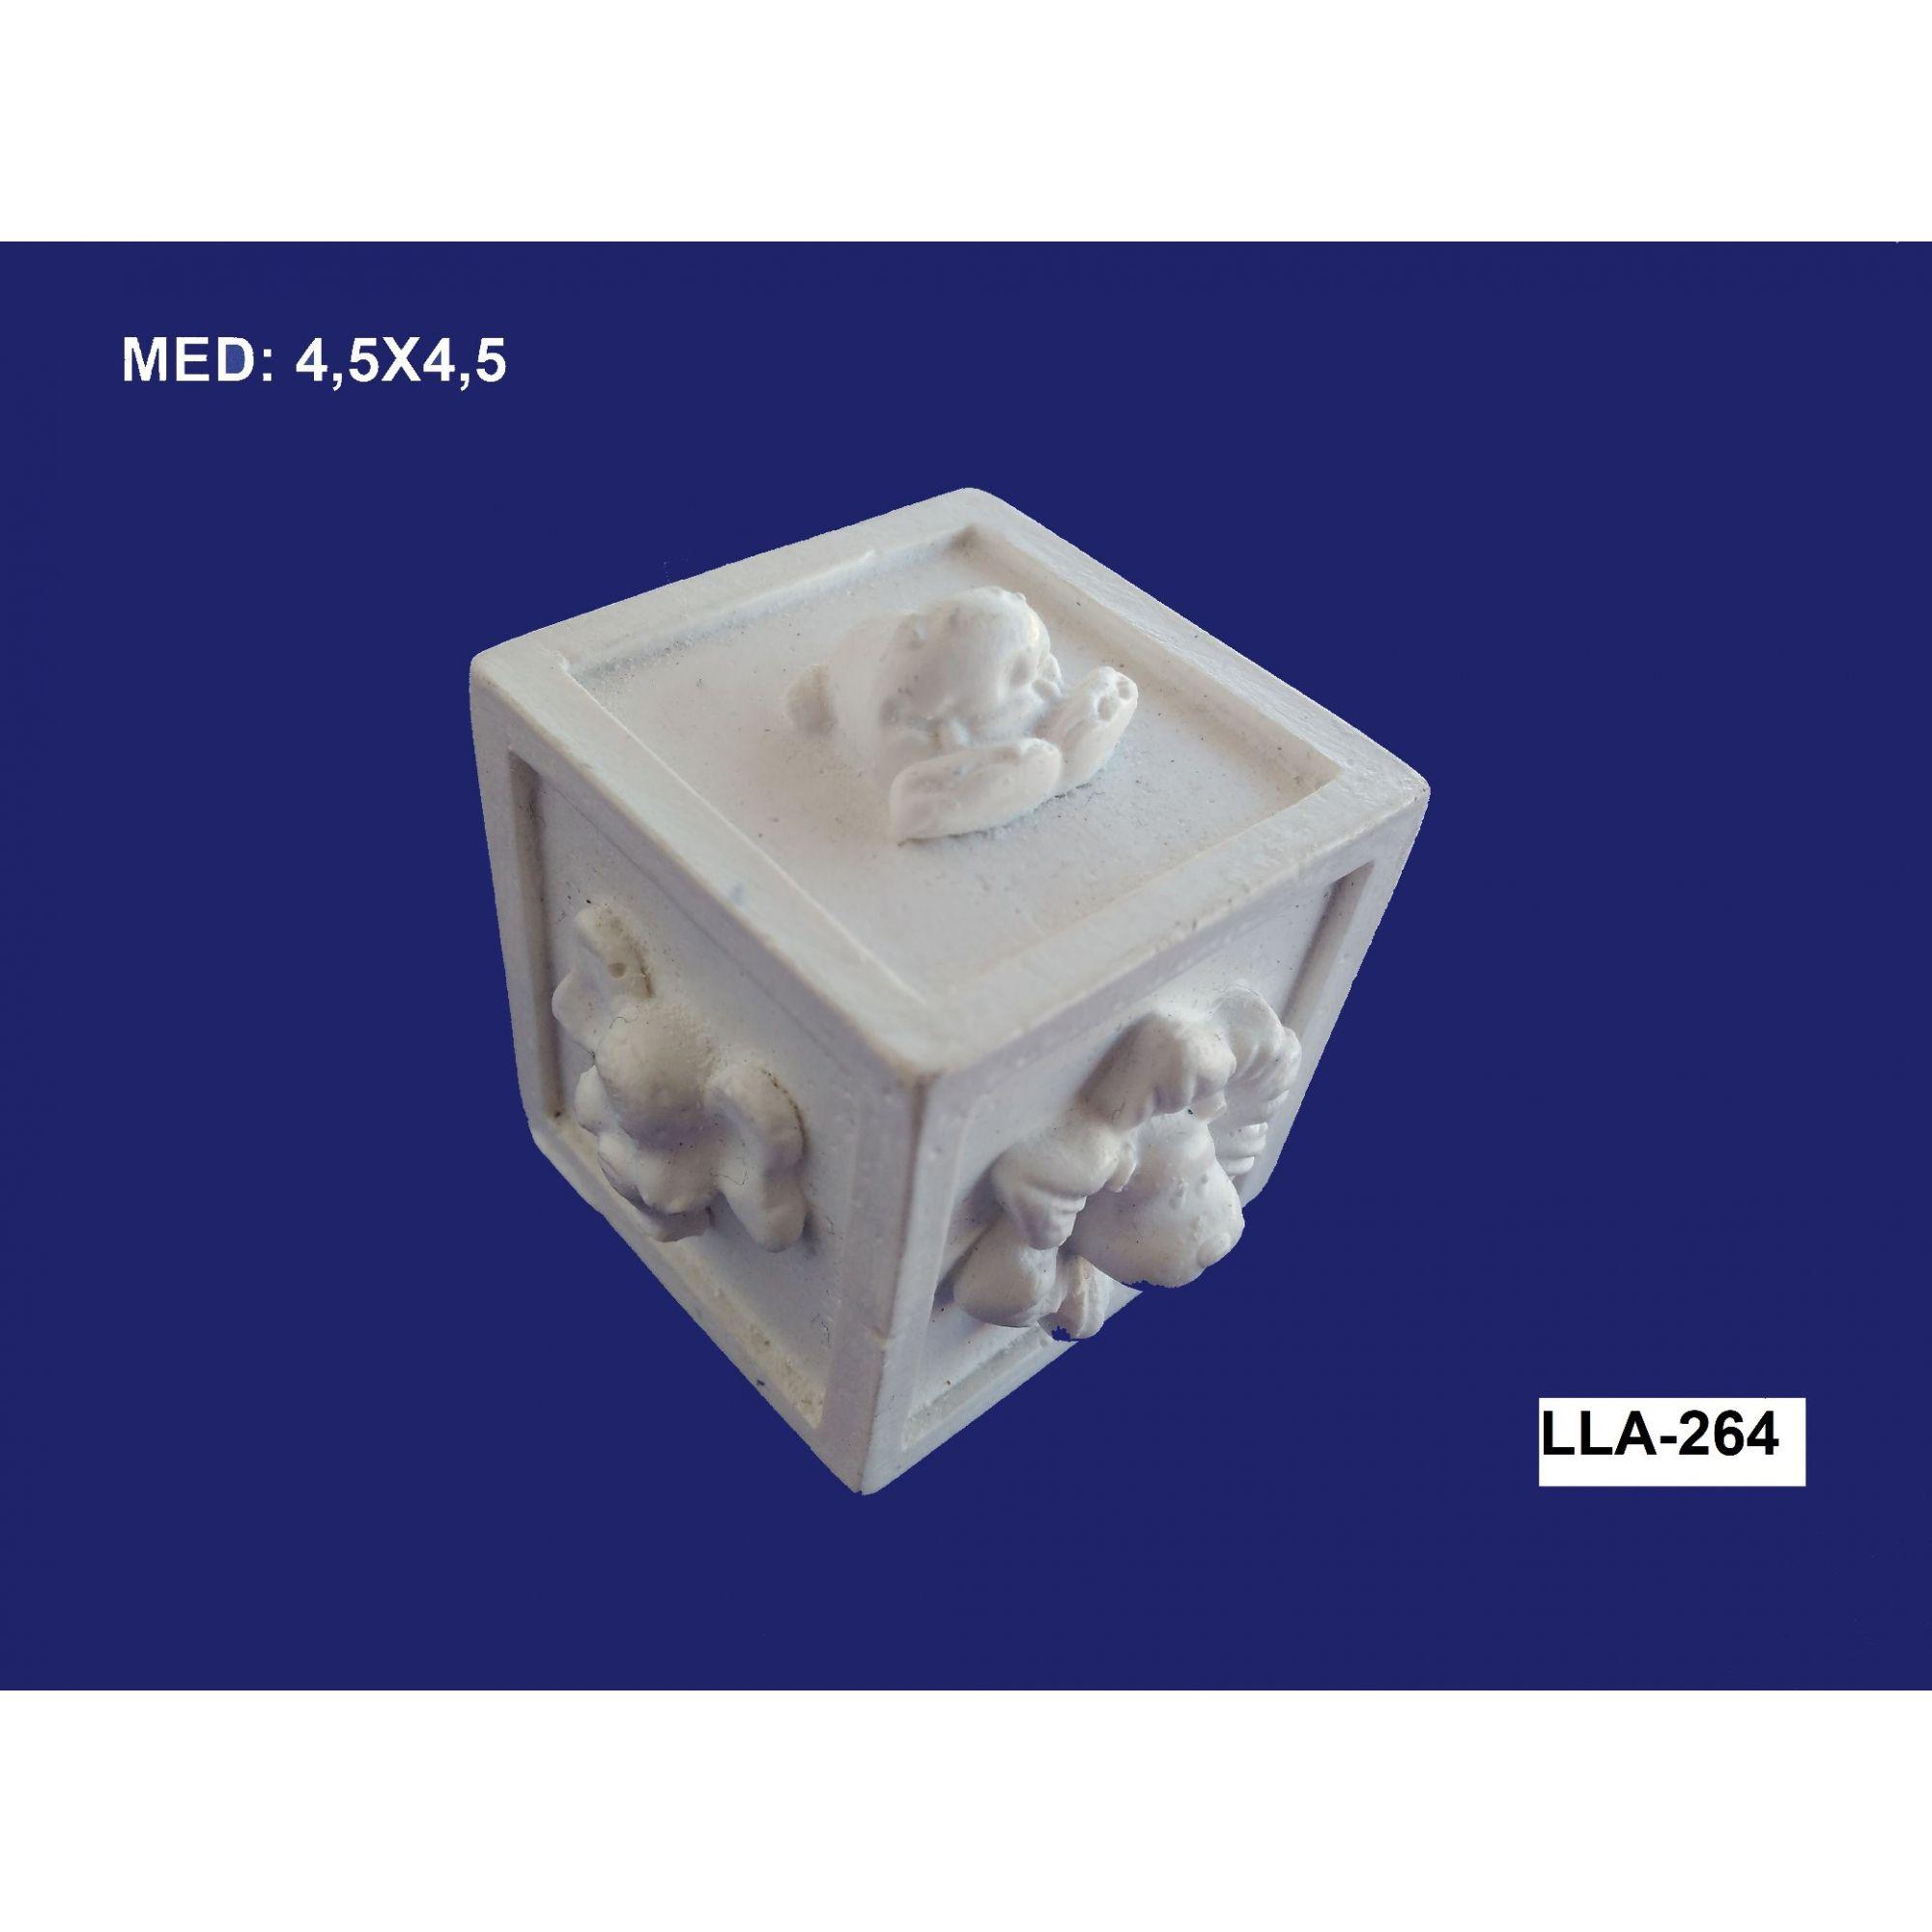 LLA-264 CUBO SAFARI 3D 4,5 X 4,5CM